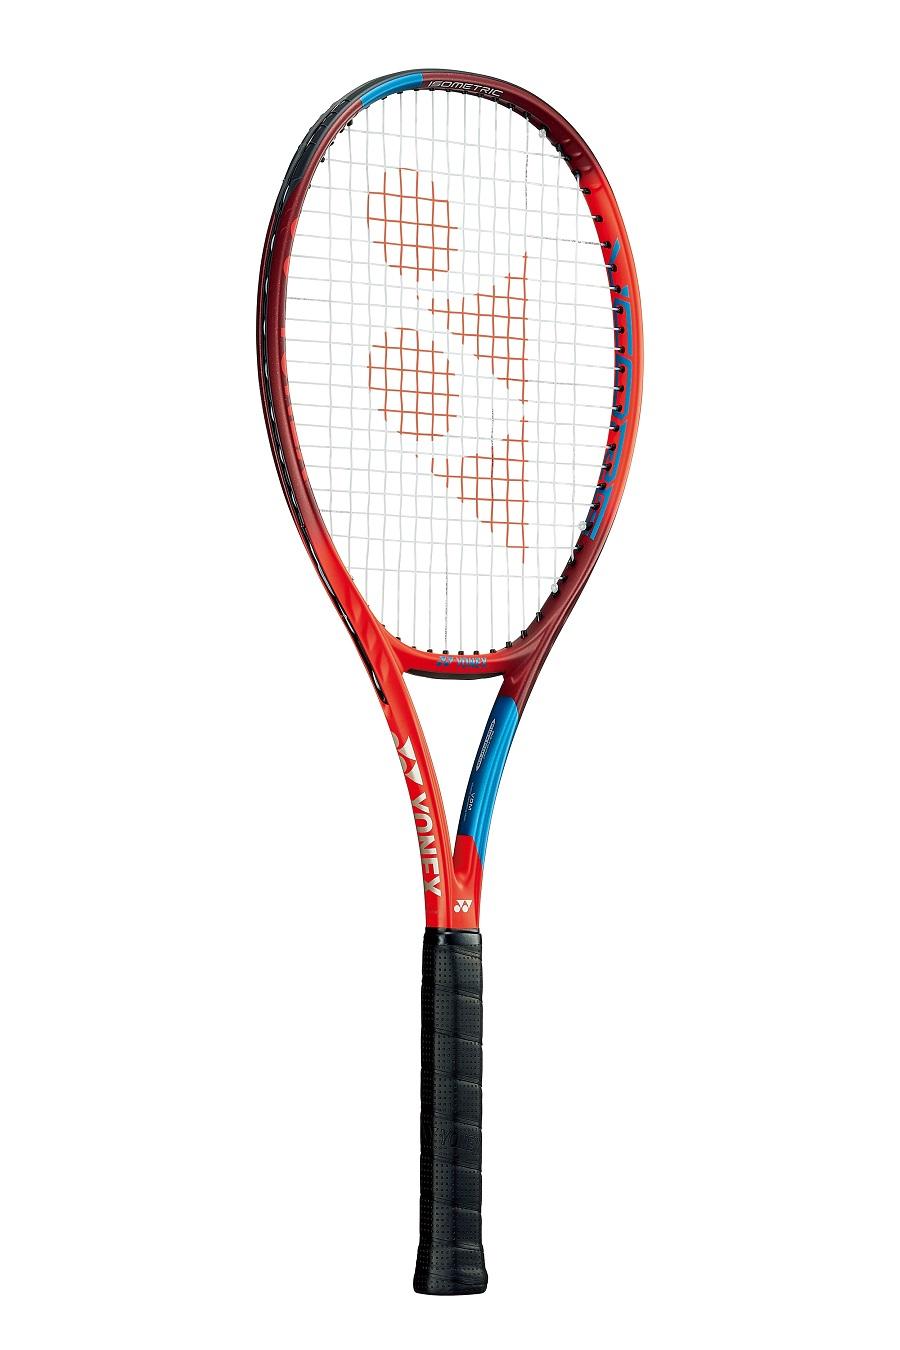 Raquete de Tênis Yonex Vcore 95 - 310g - 2021  - PROTENISTA